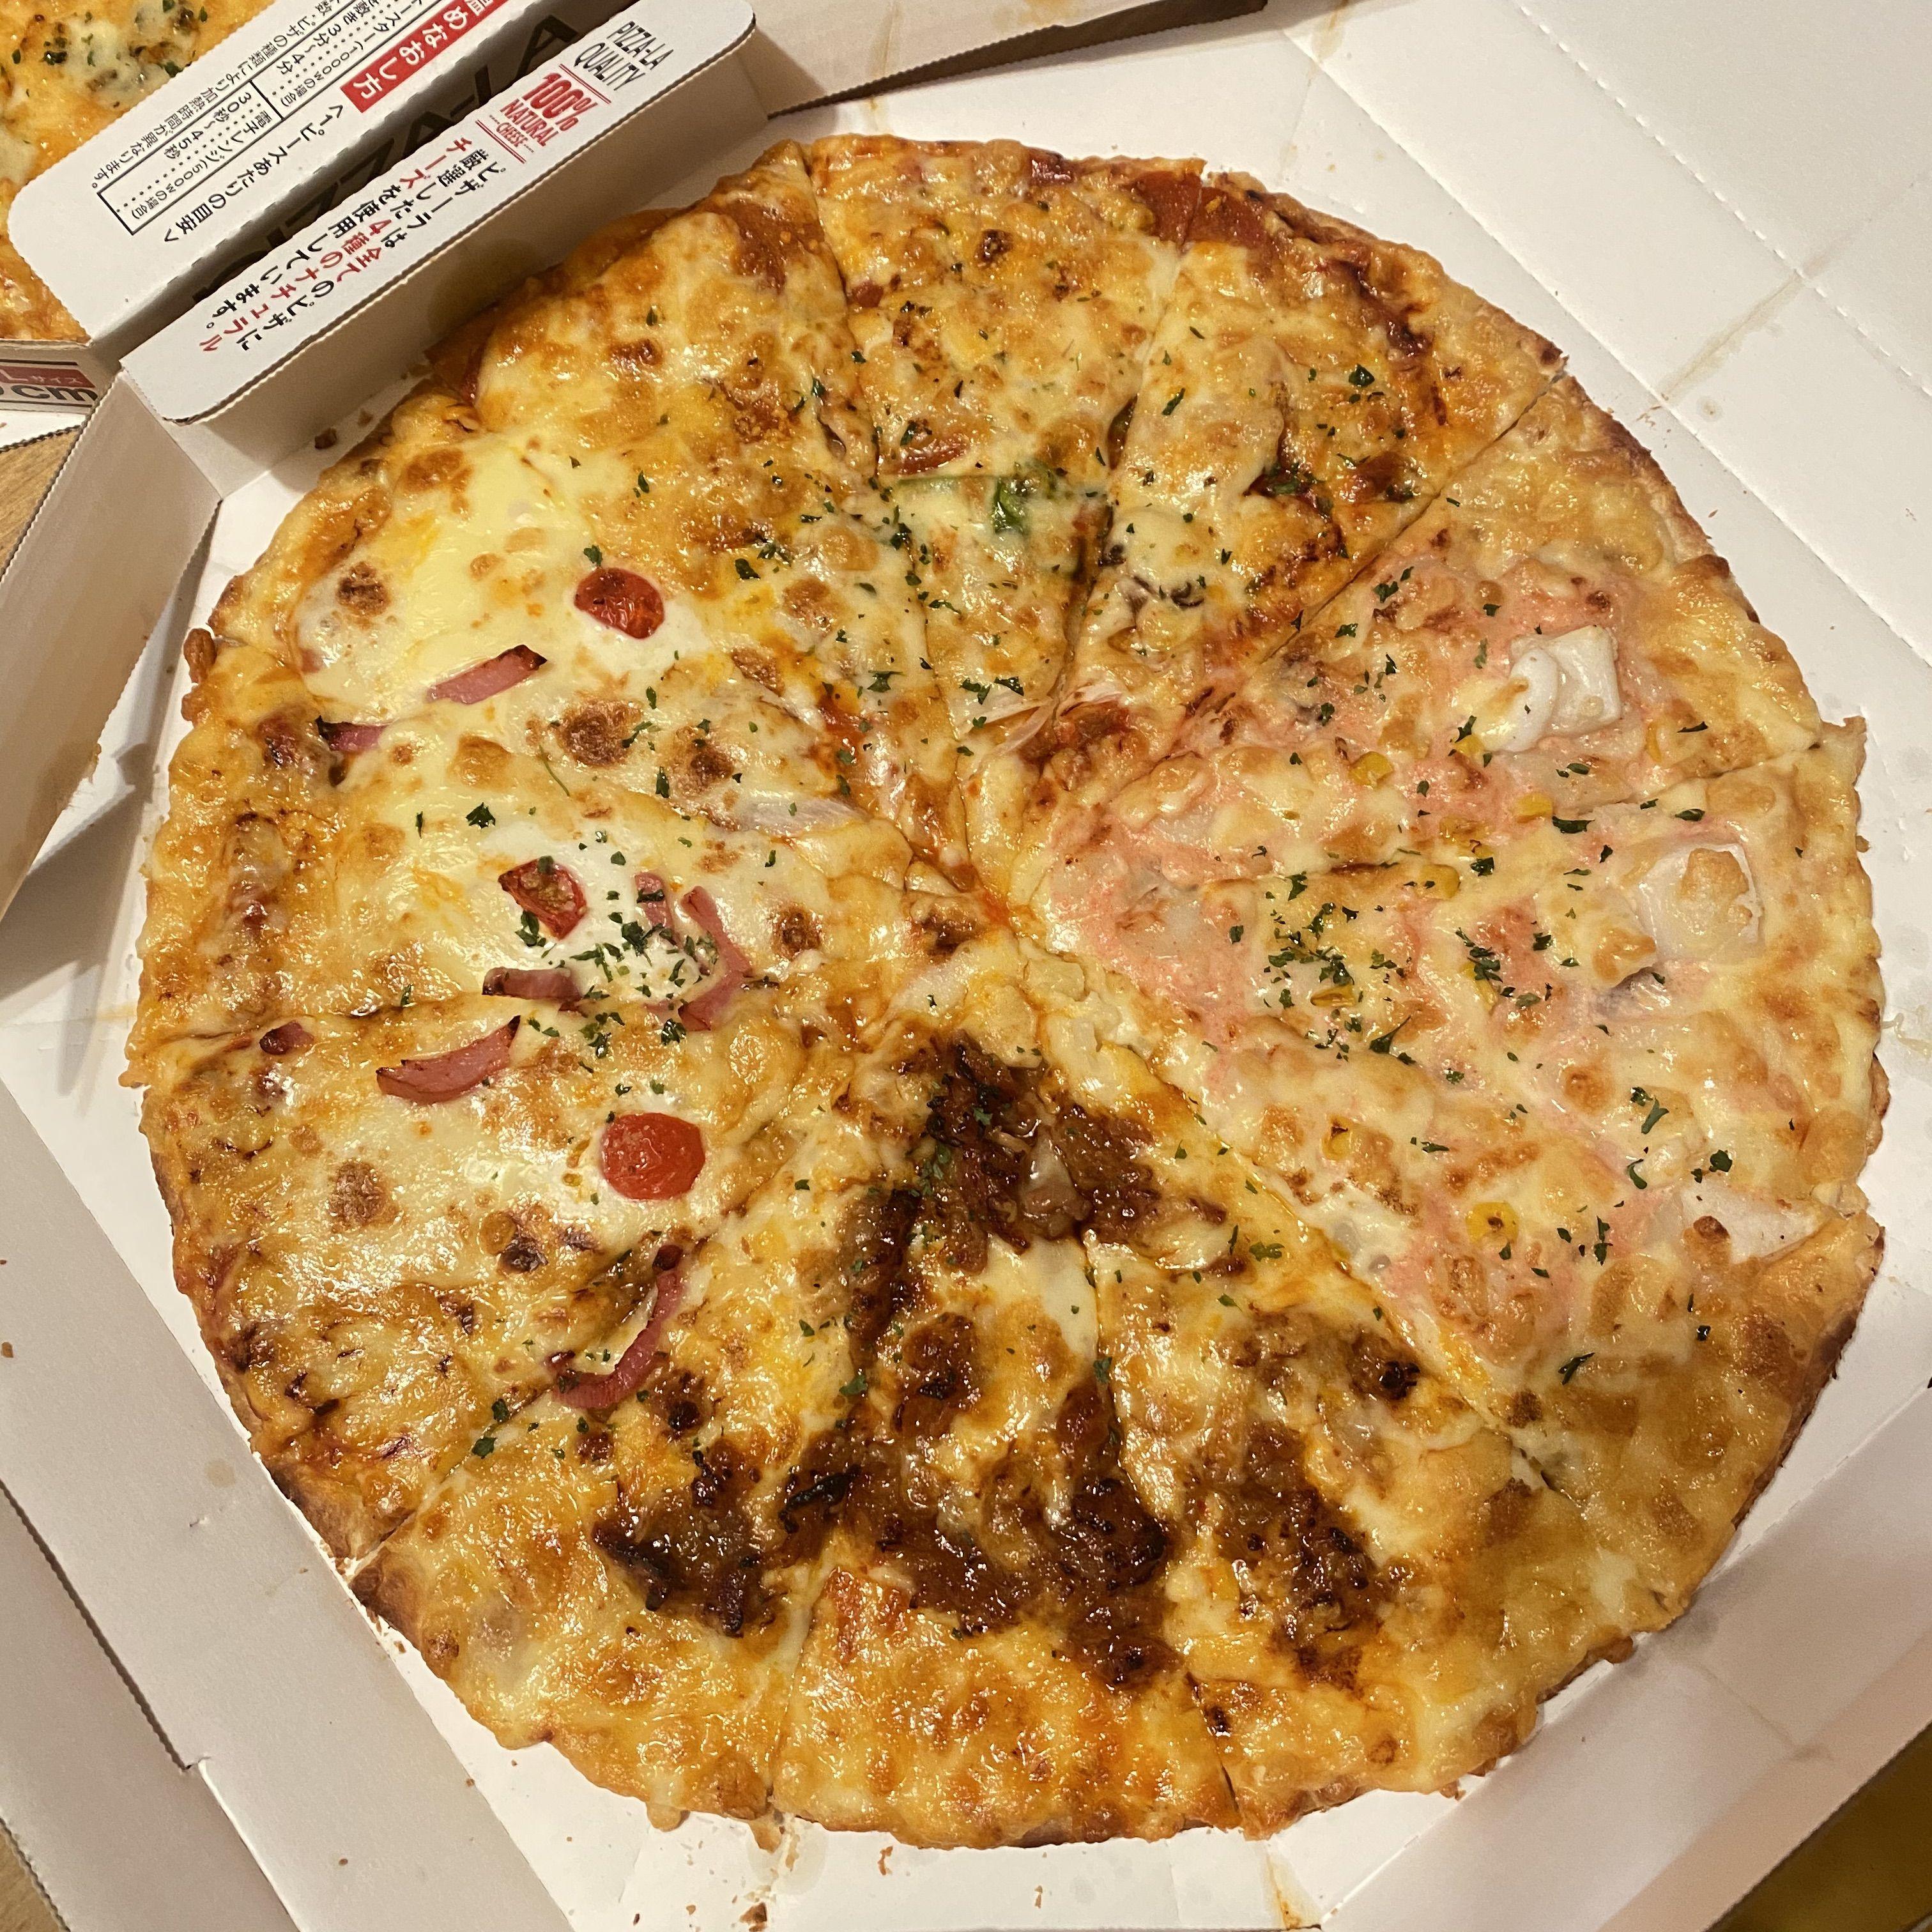 ピザーラ エビマヨ 間もなく登場!ピザーラの夏といえばエビマヨ!! 大好評『桜海老のシーフードピザ』春の食べ納め